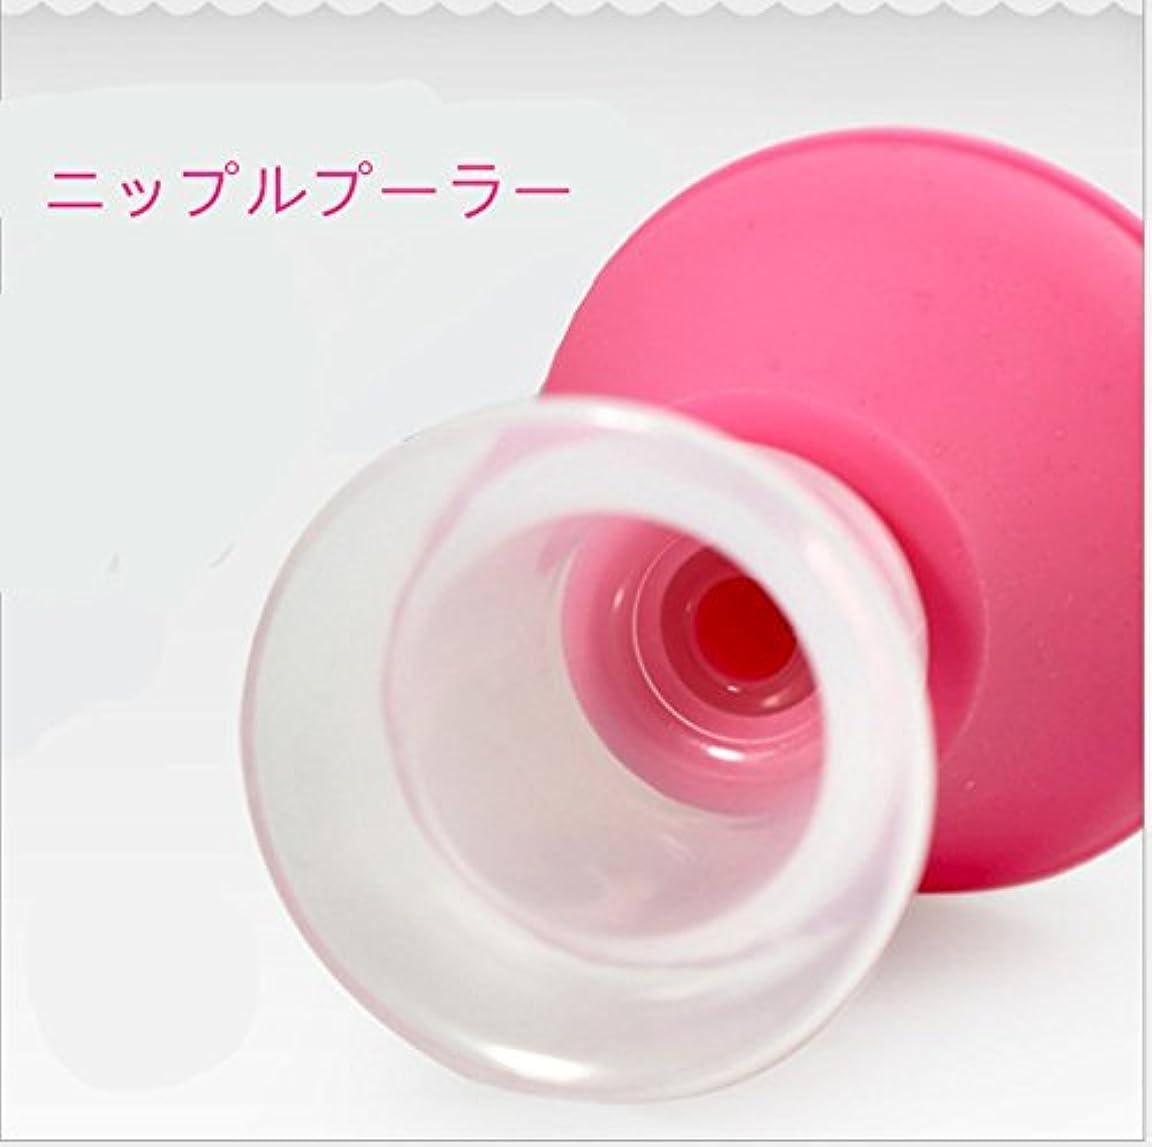 合図ミシン目修理可能ピジョン 乳頭吸引器 ケース付扁平乳首に乳頭吸引器 母乳育児ケア ランダム色